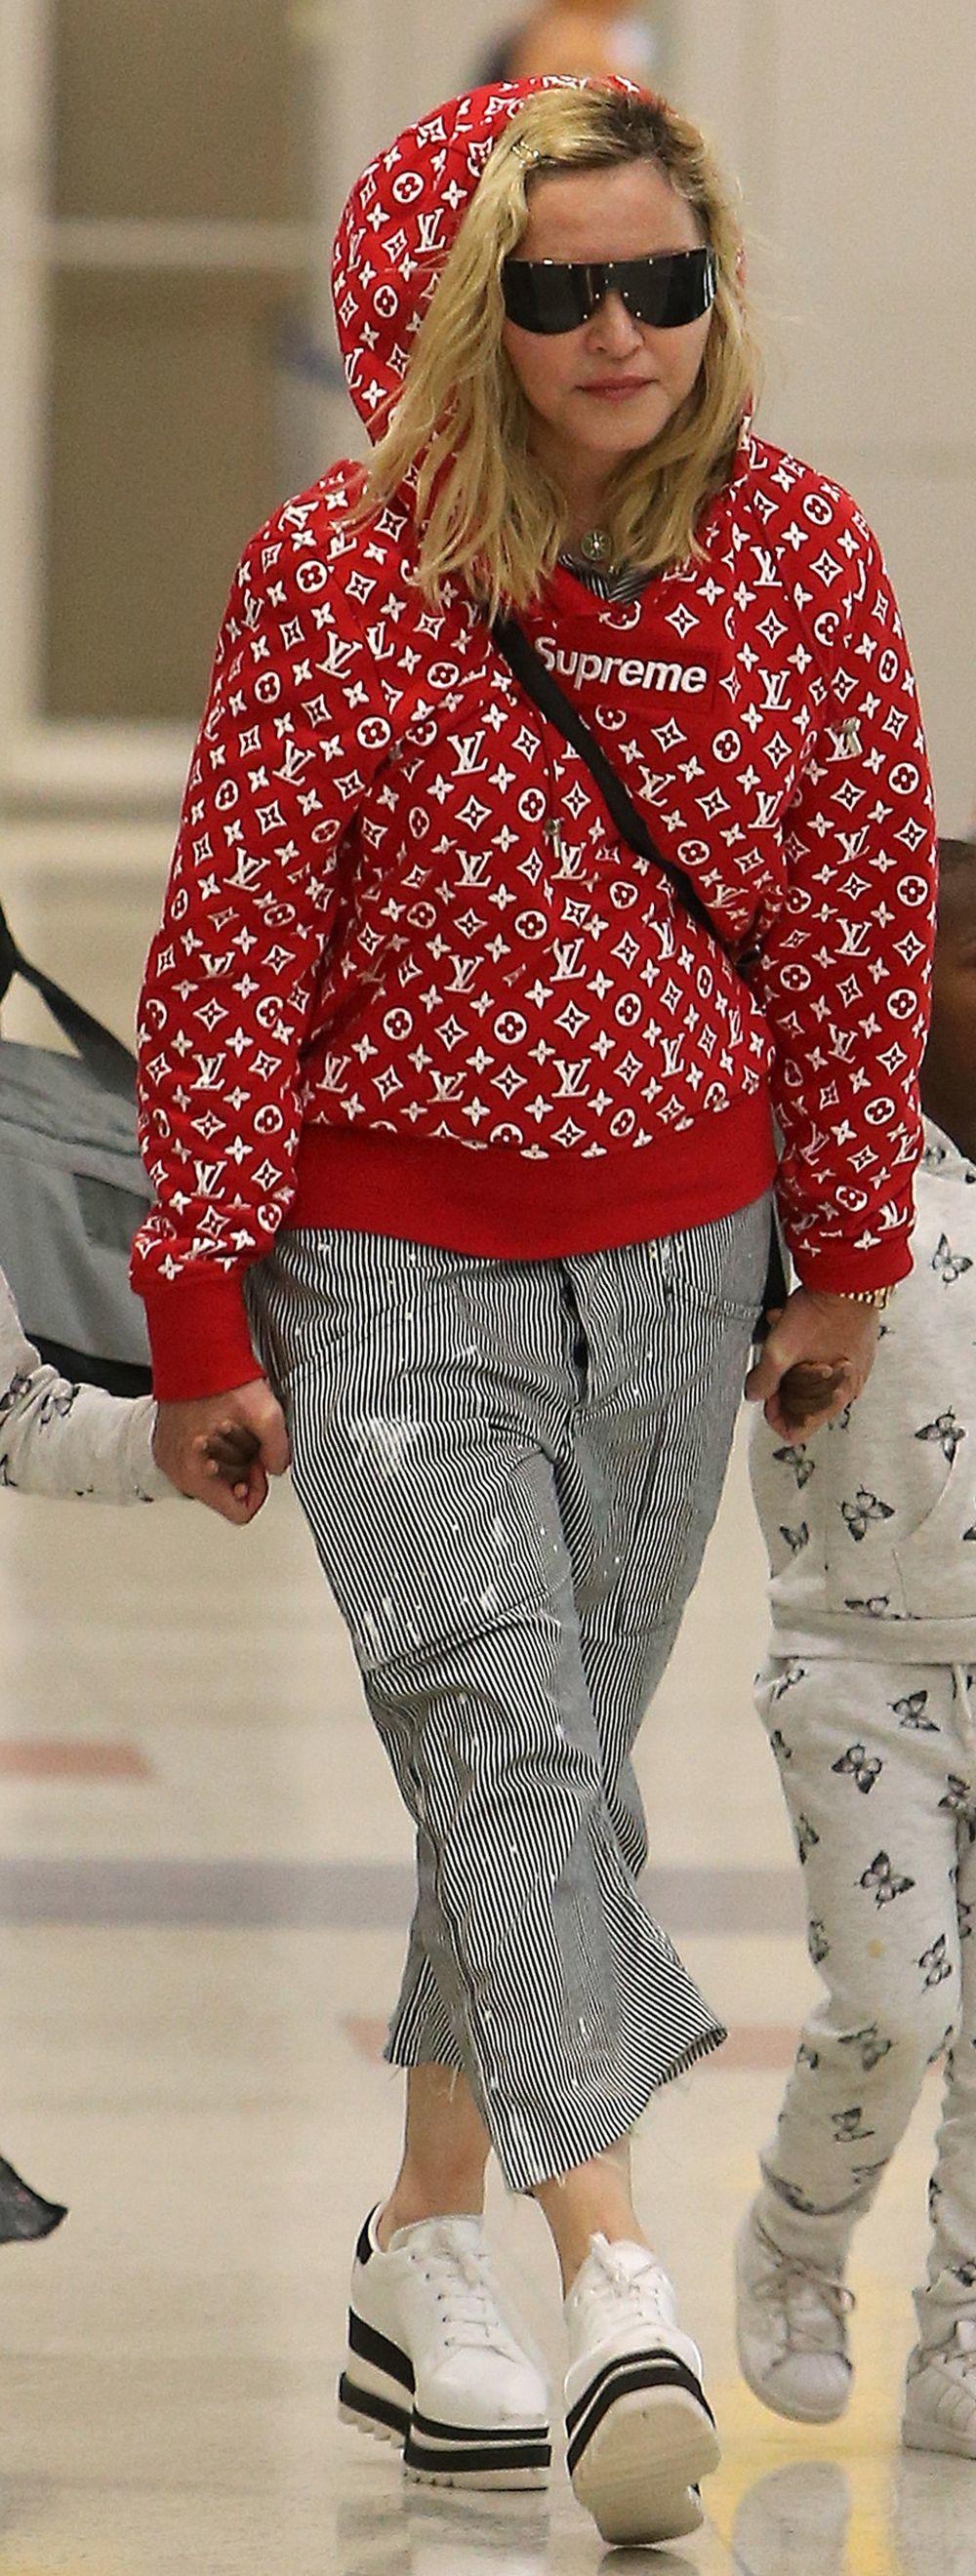 Madonna con una sudadera Supreme x Luis Vuitton